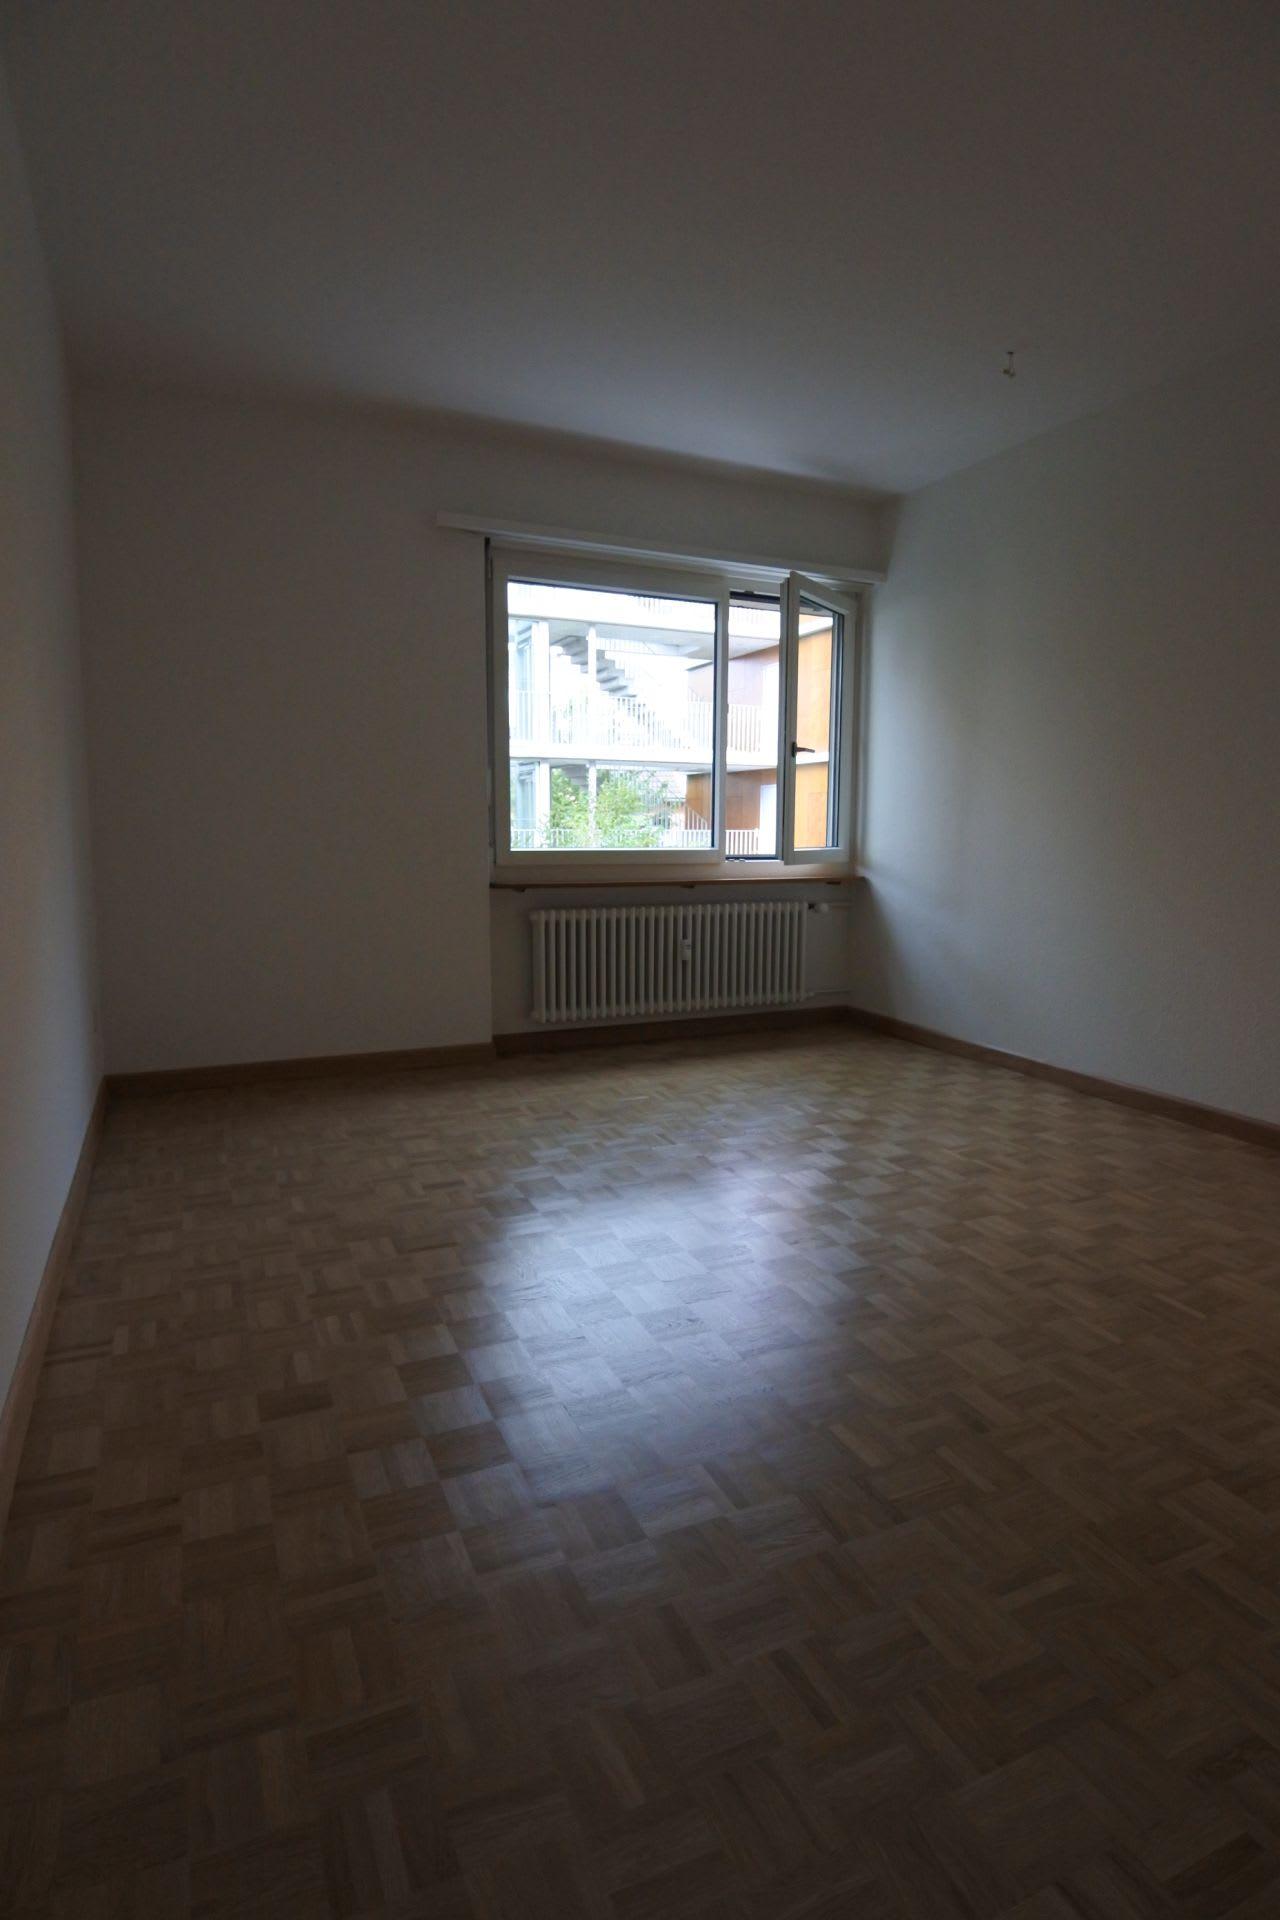 Lärchengartenstrasse 25